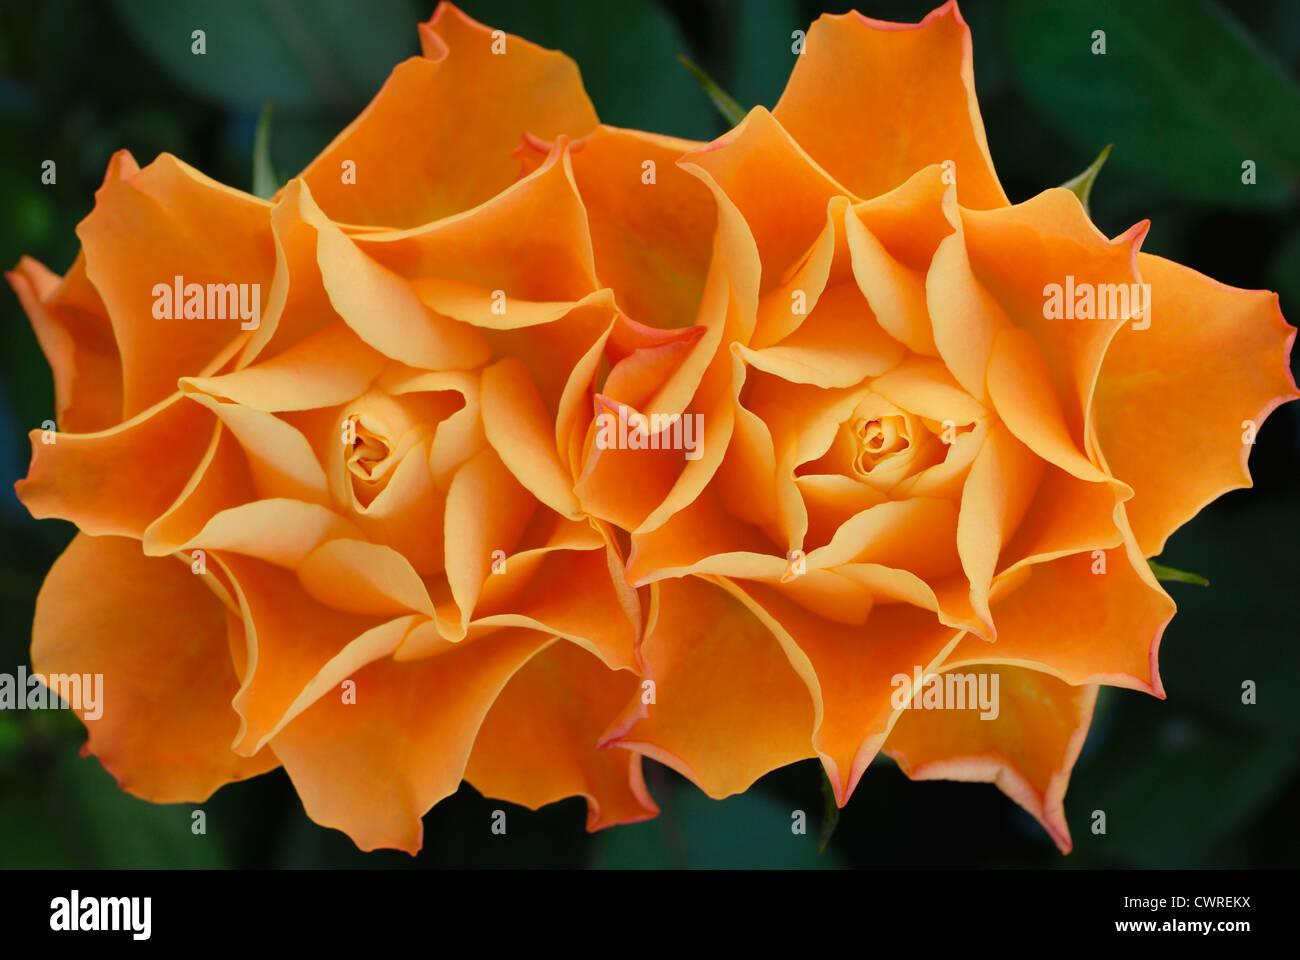 Rosa, Rose, zwei symmetrische orange farbigen Blumen neben einander berühren vor einem grünen Hintergrund. Stockbild